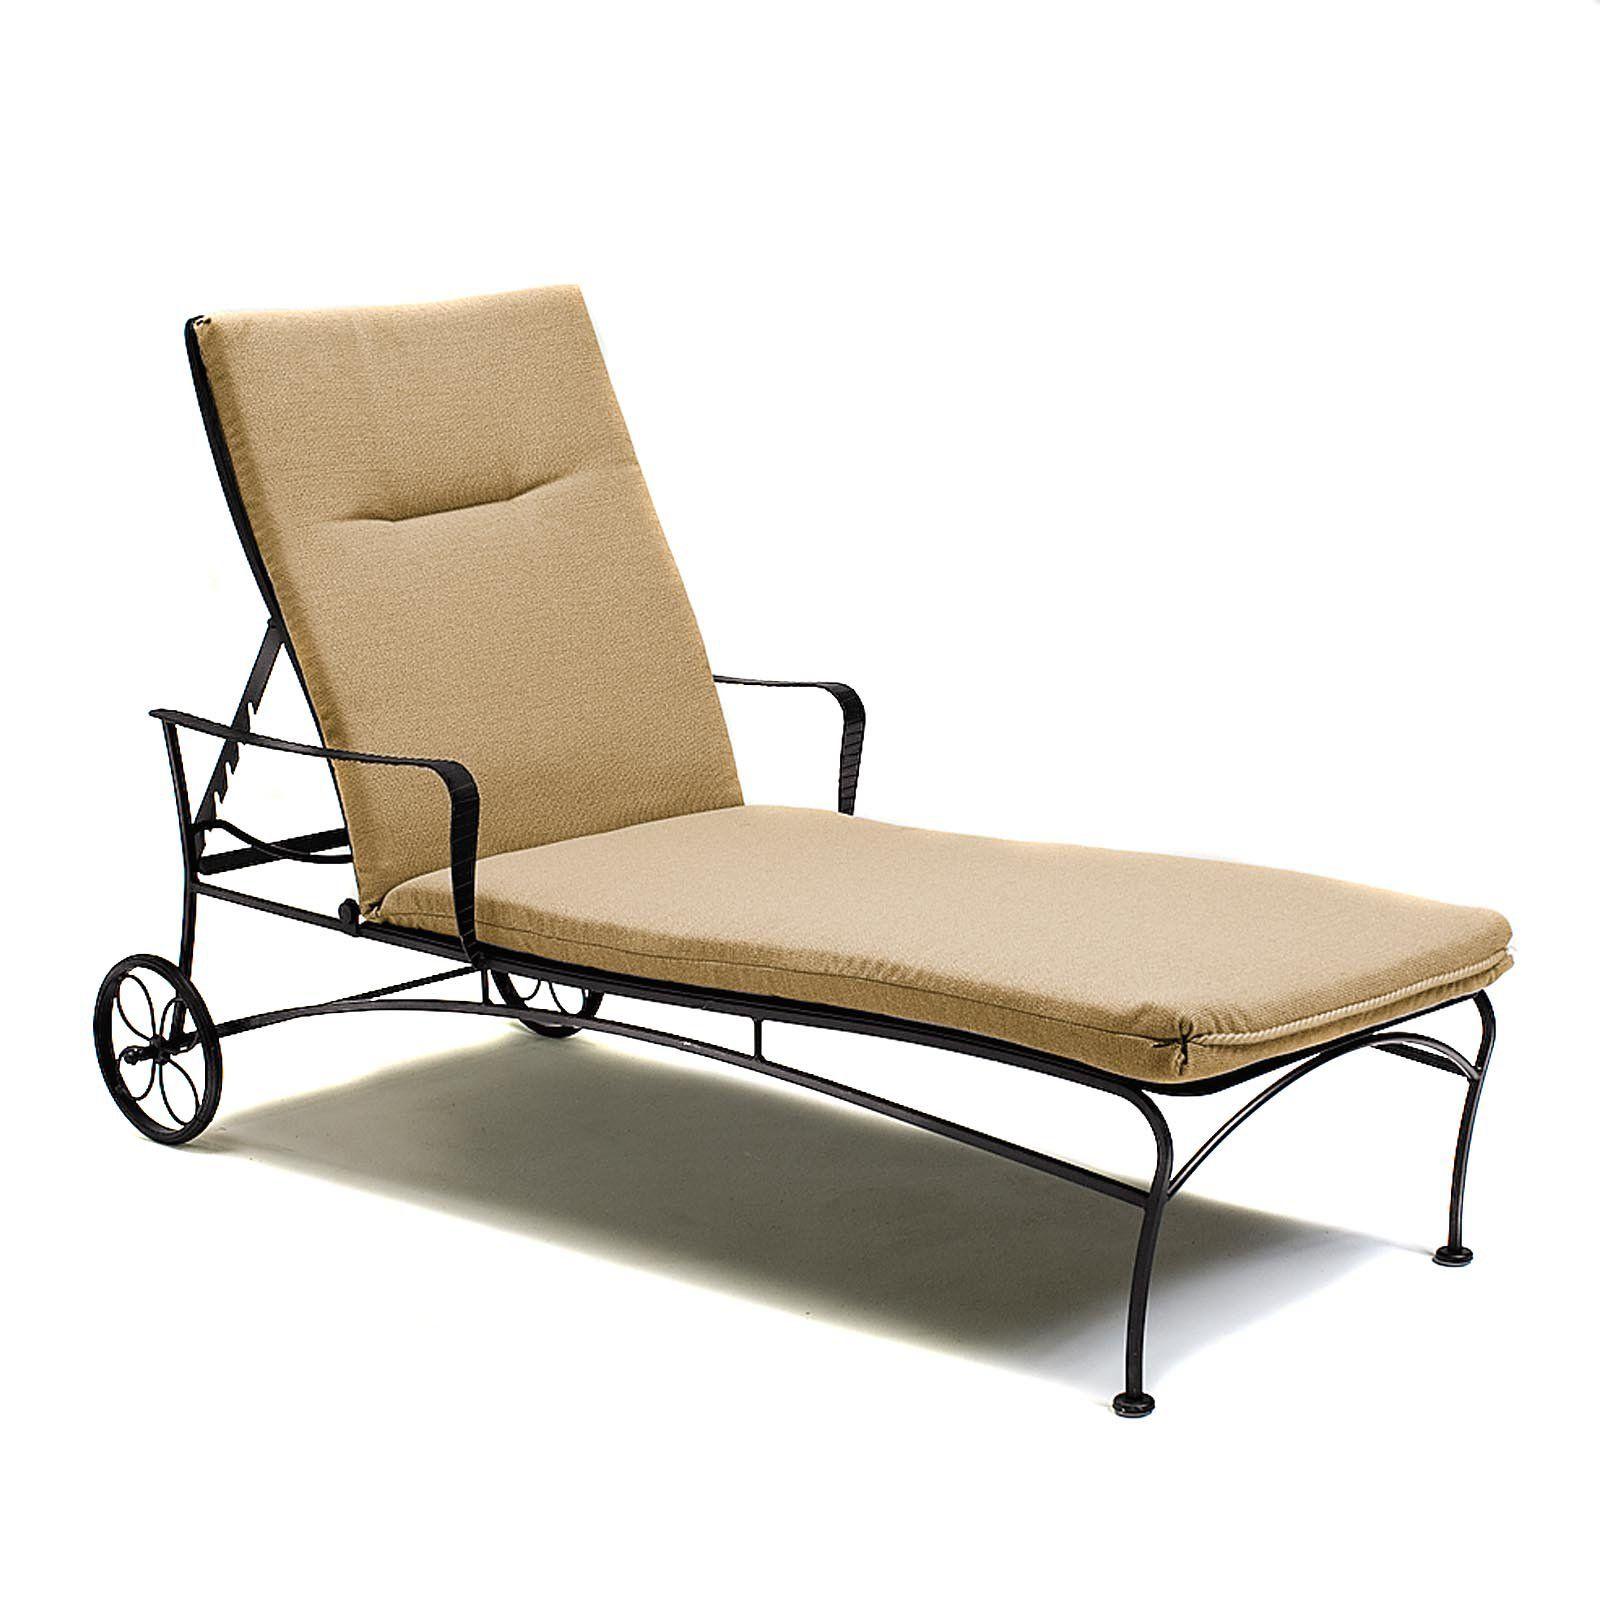 Chaise Lounge Beach Chair Lounge stuhl, Stühle, Haus design